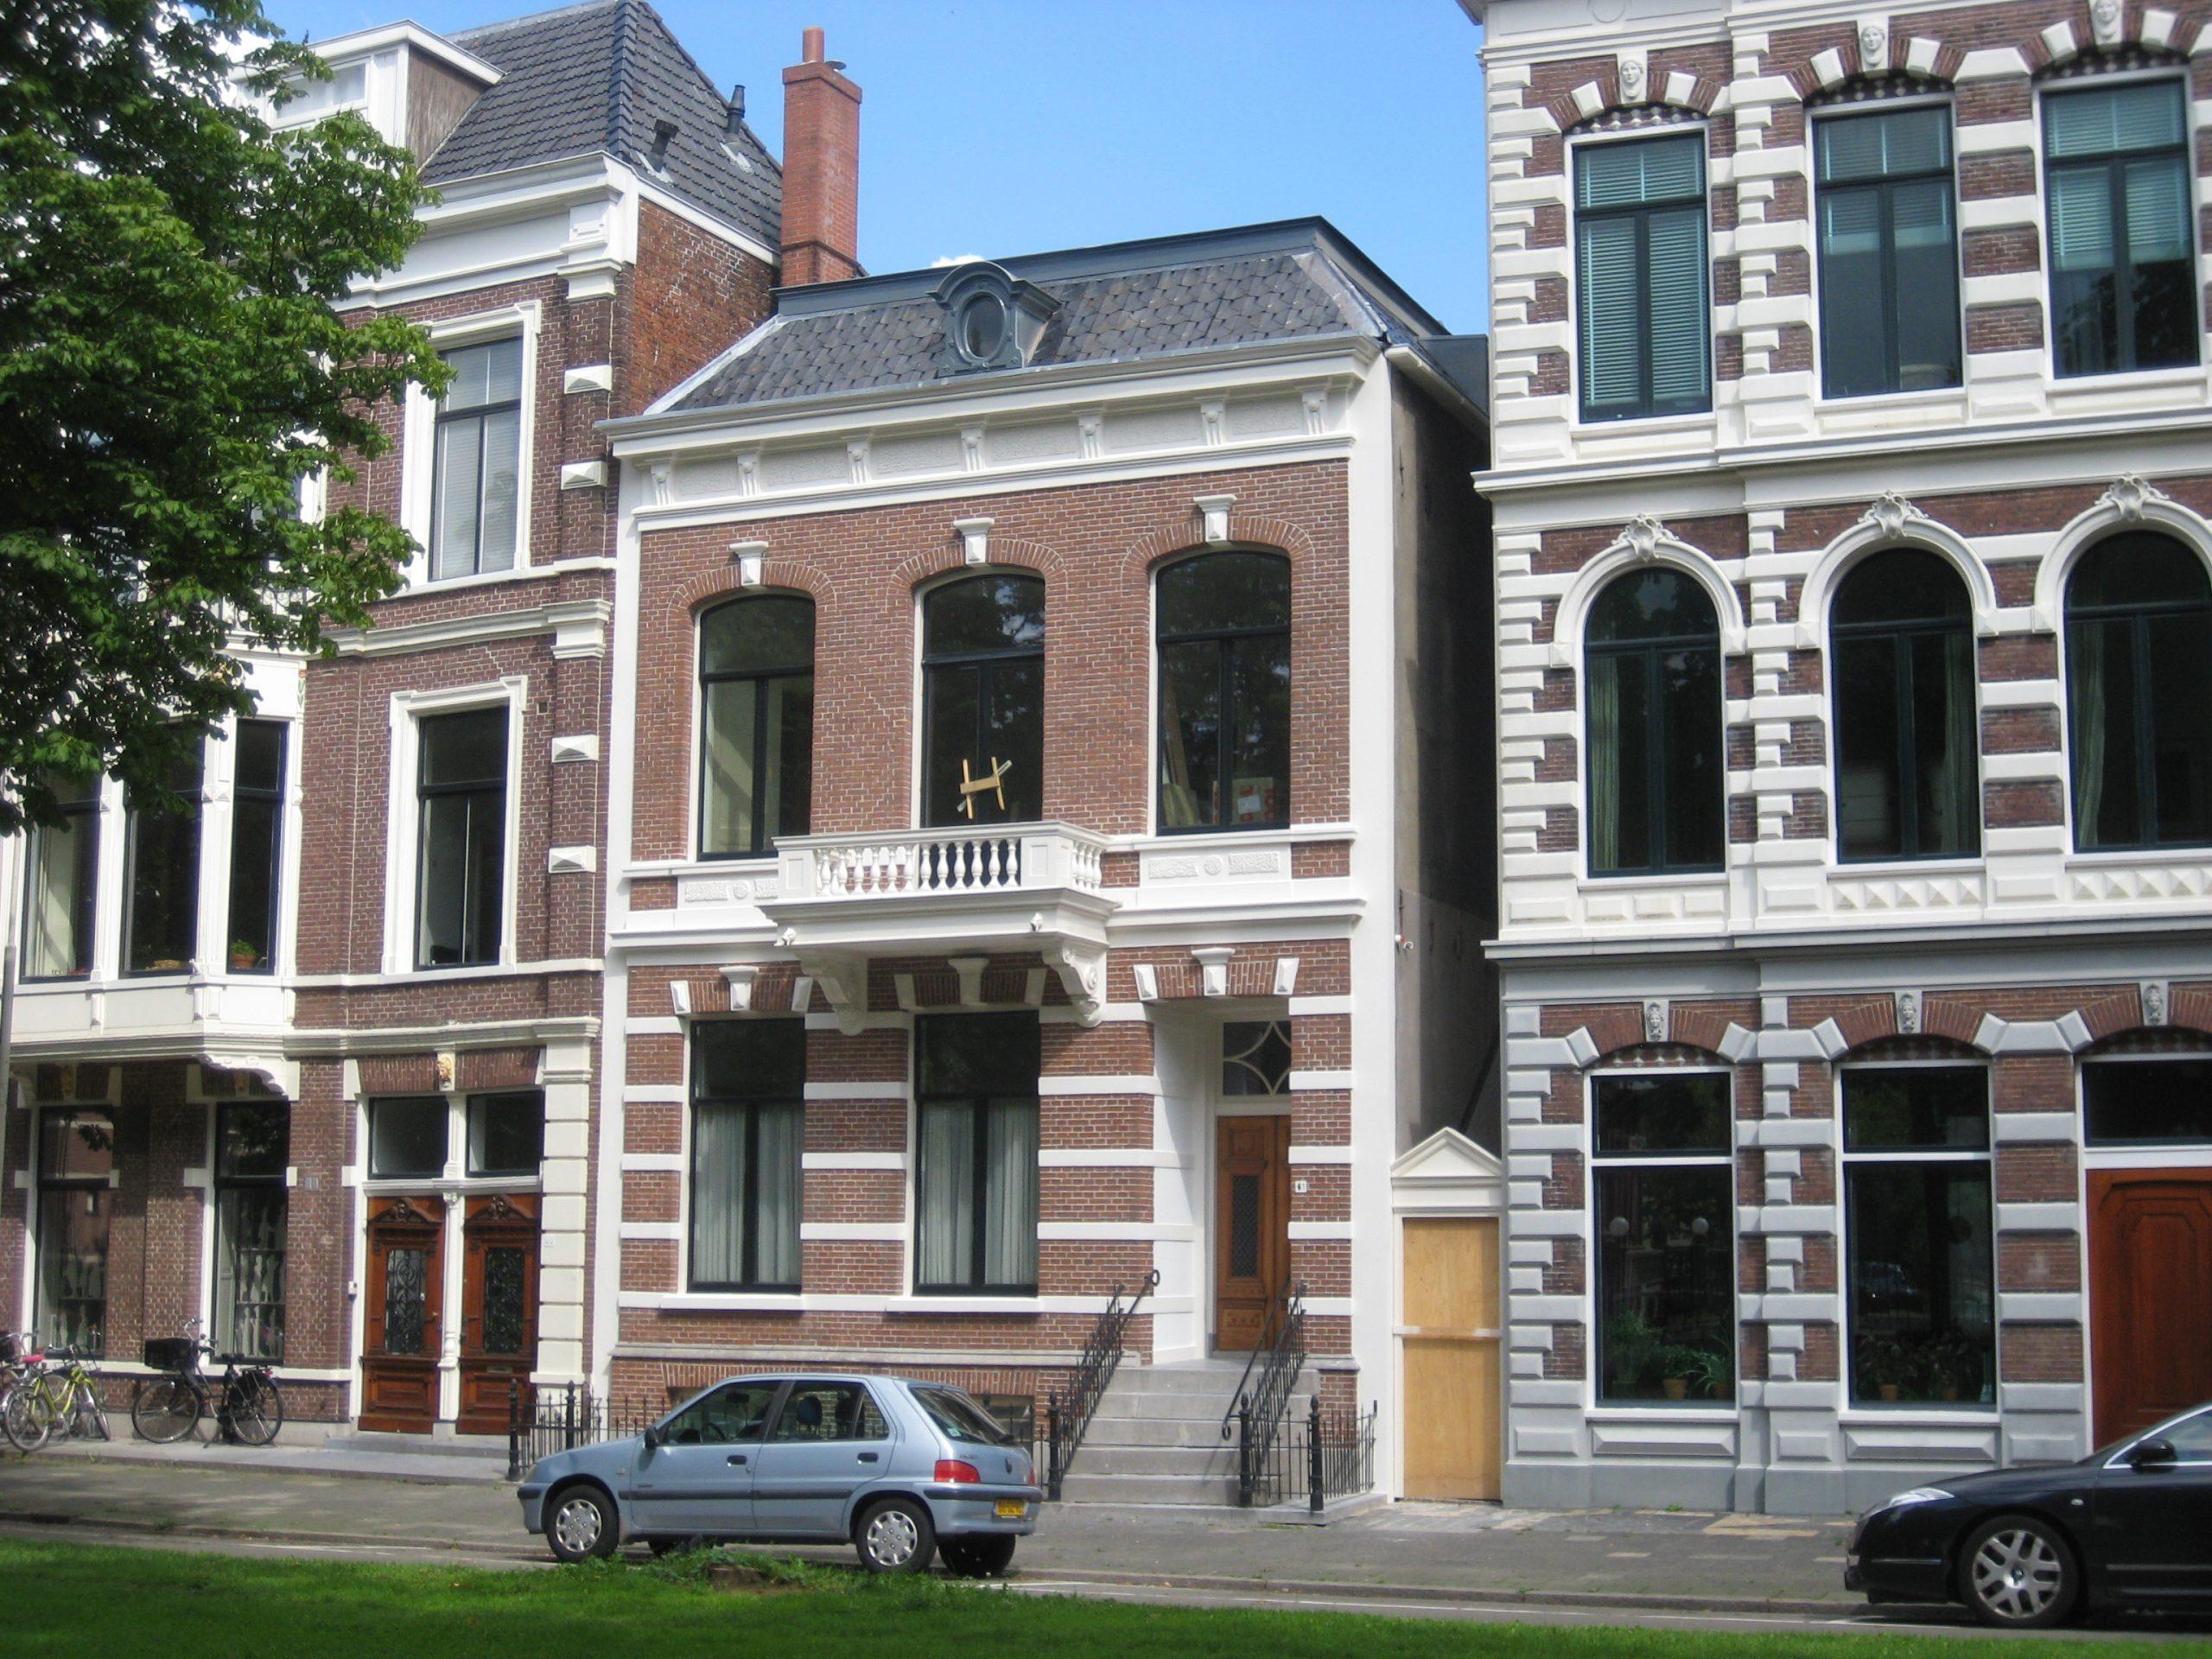 Ubbo Emmiussingel 61 te Groningen